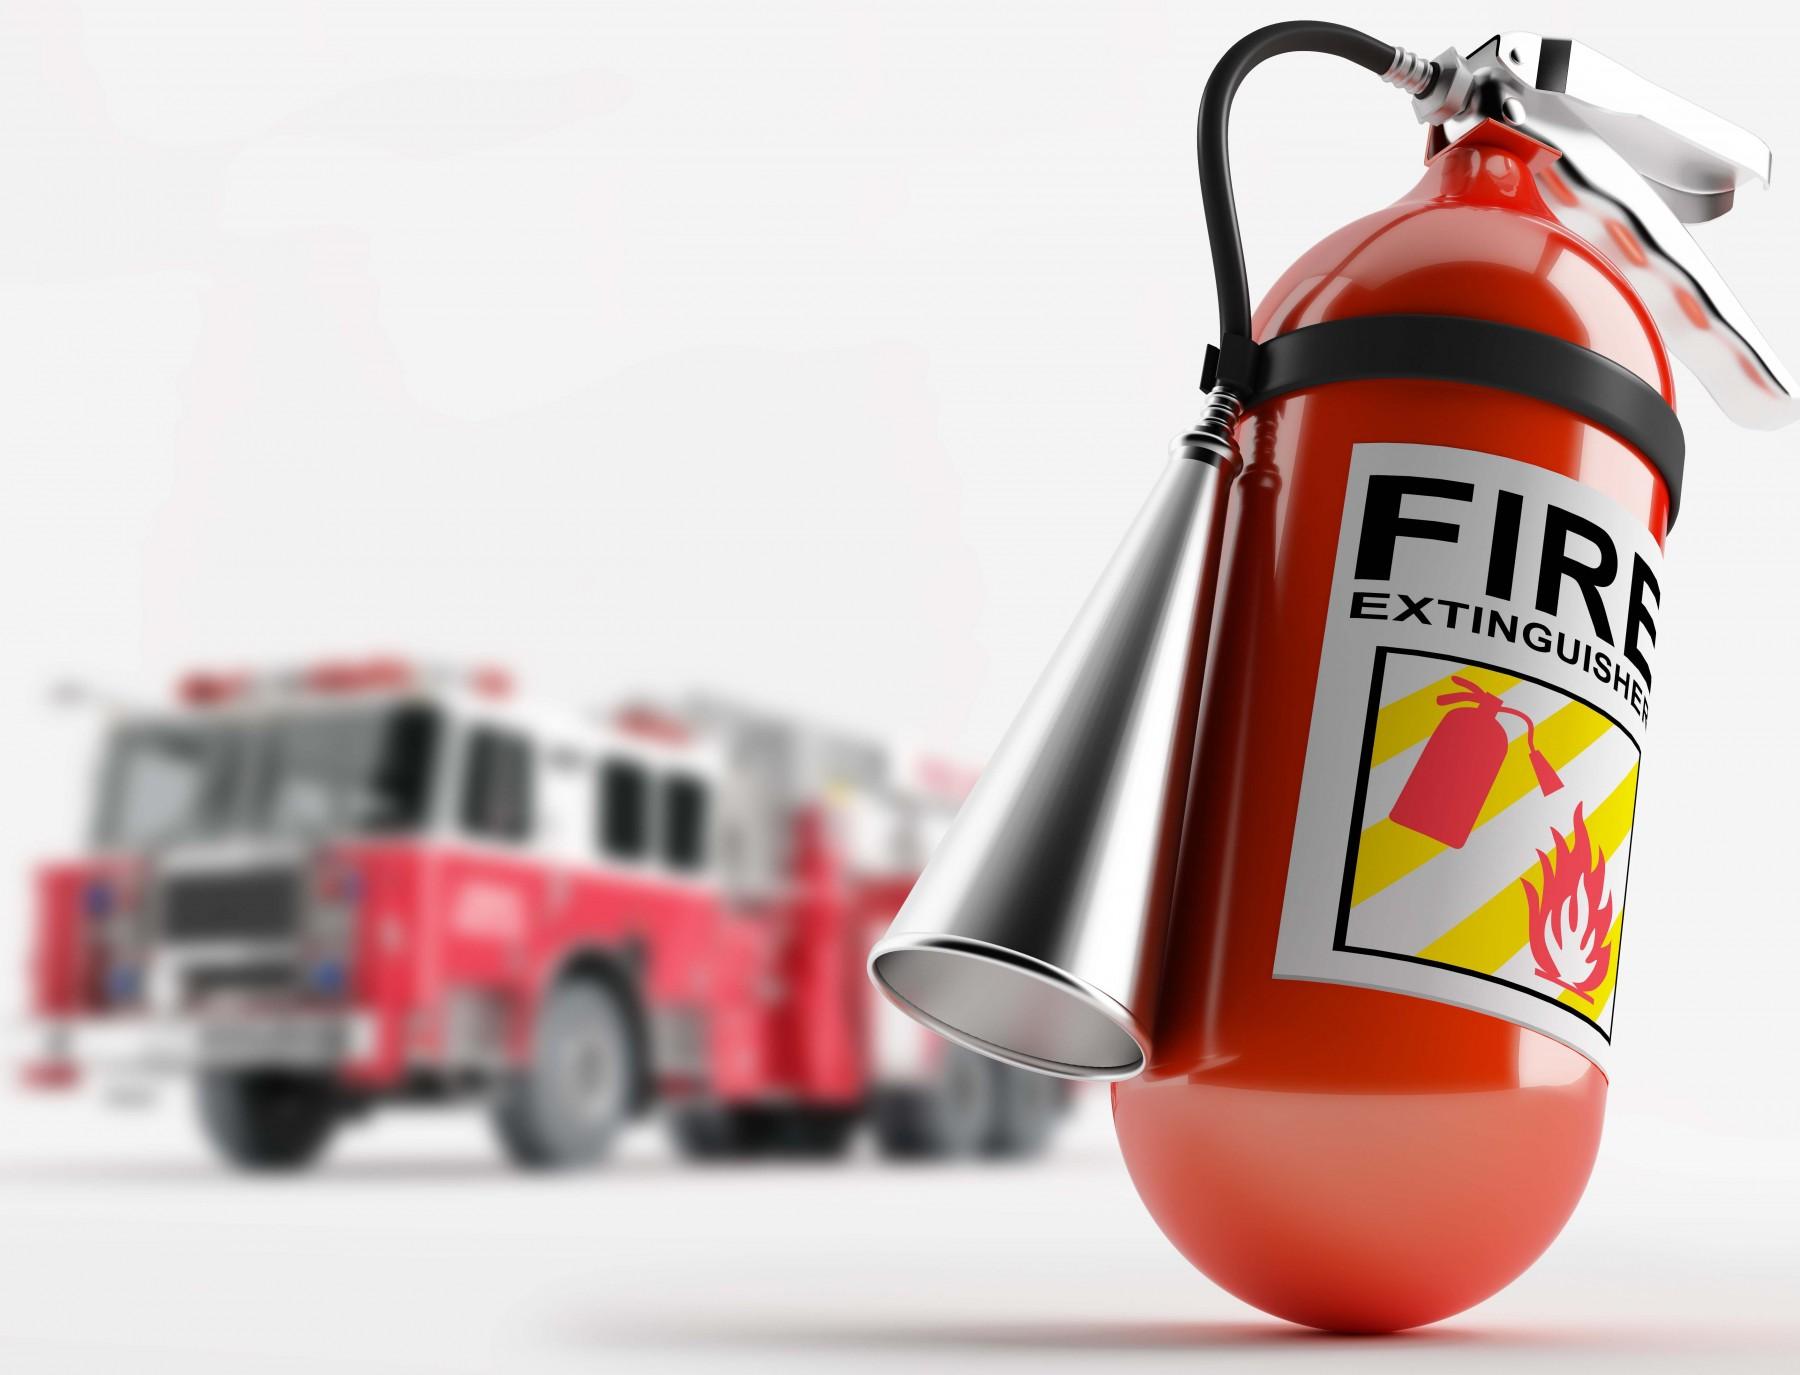 Công tác phòng cháy chữa cháy – Không thể xem thường